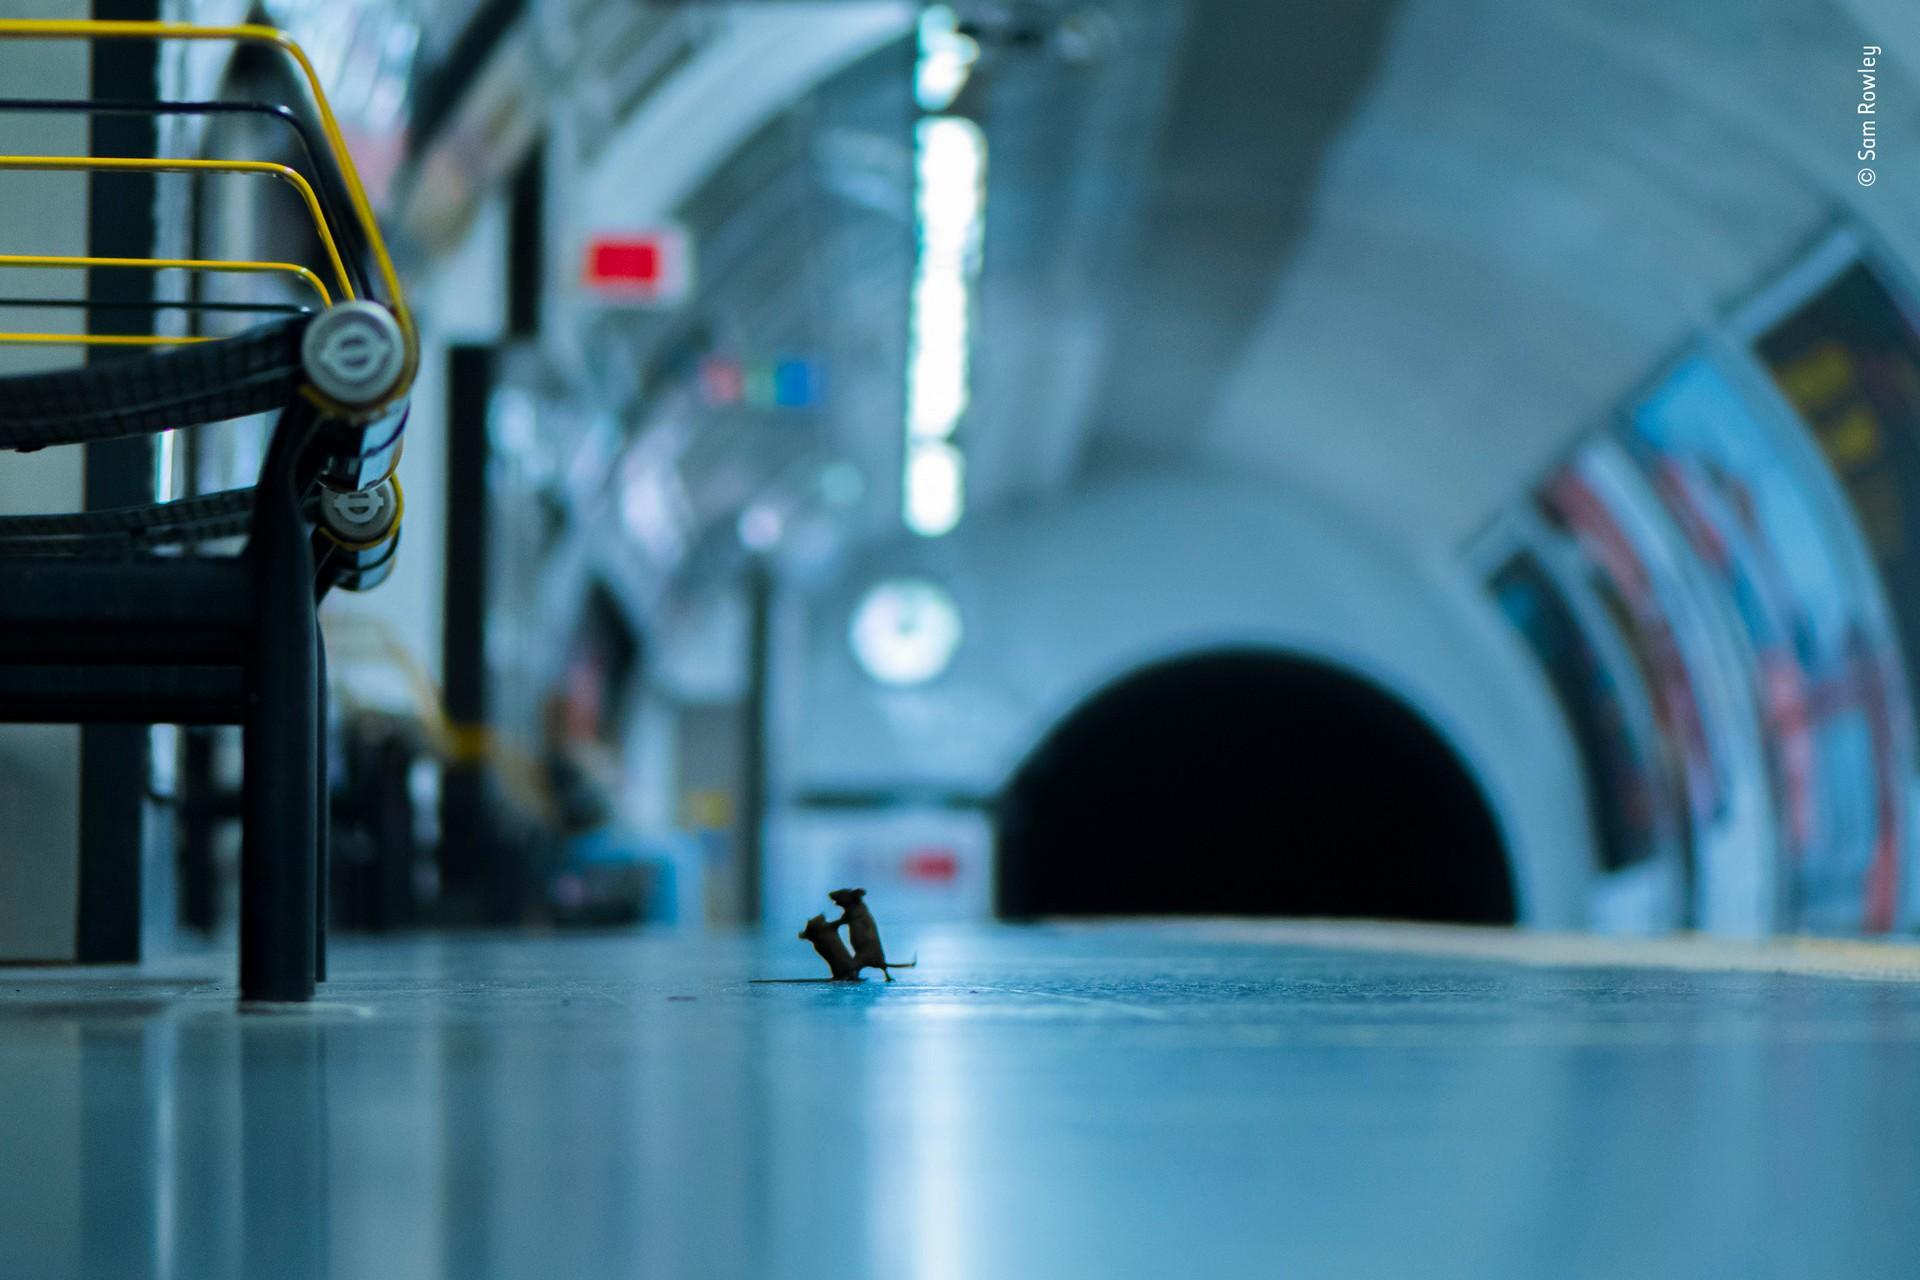 Главный победитель 2019. Ссора мышей в лондонском метро. Автор Сэм Роули